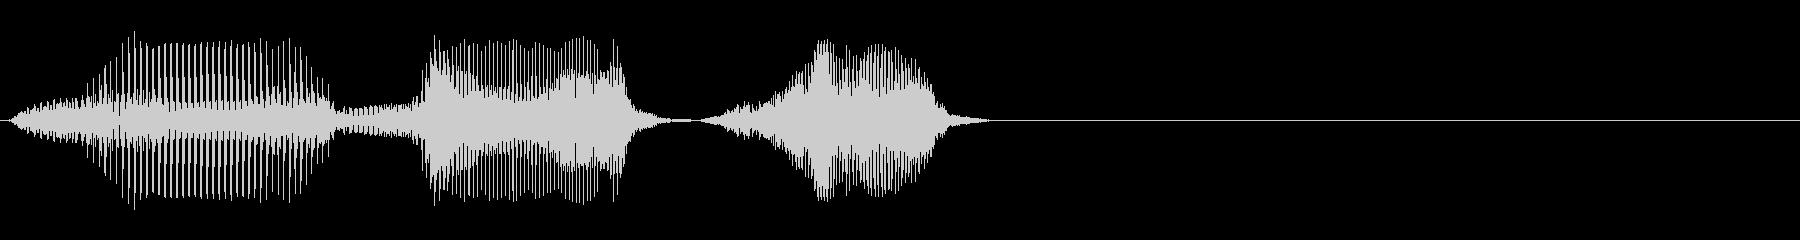 70(ななじゅっ)の未再生の波形